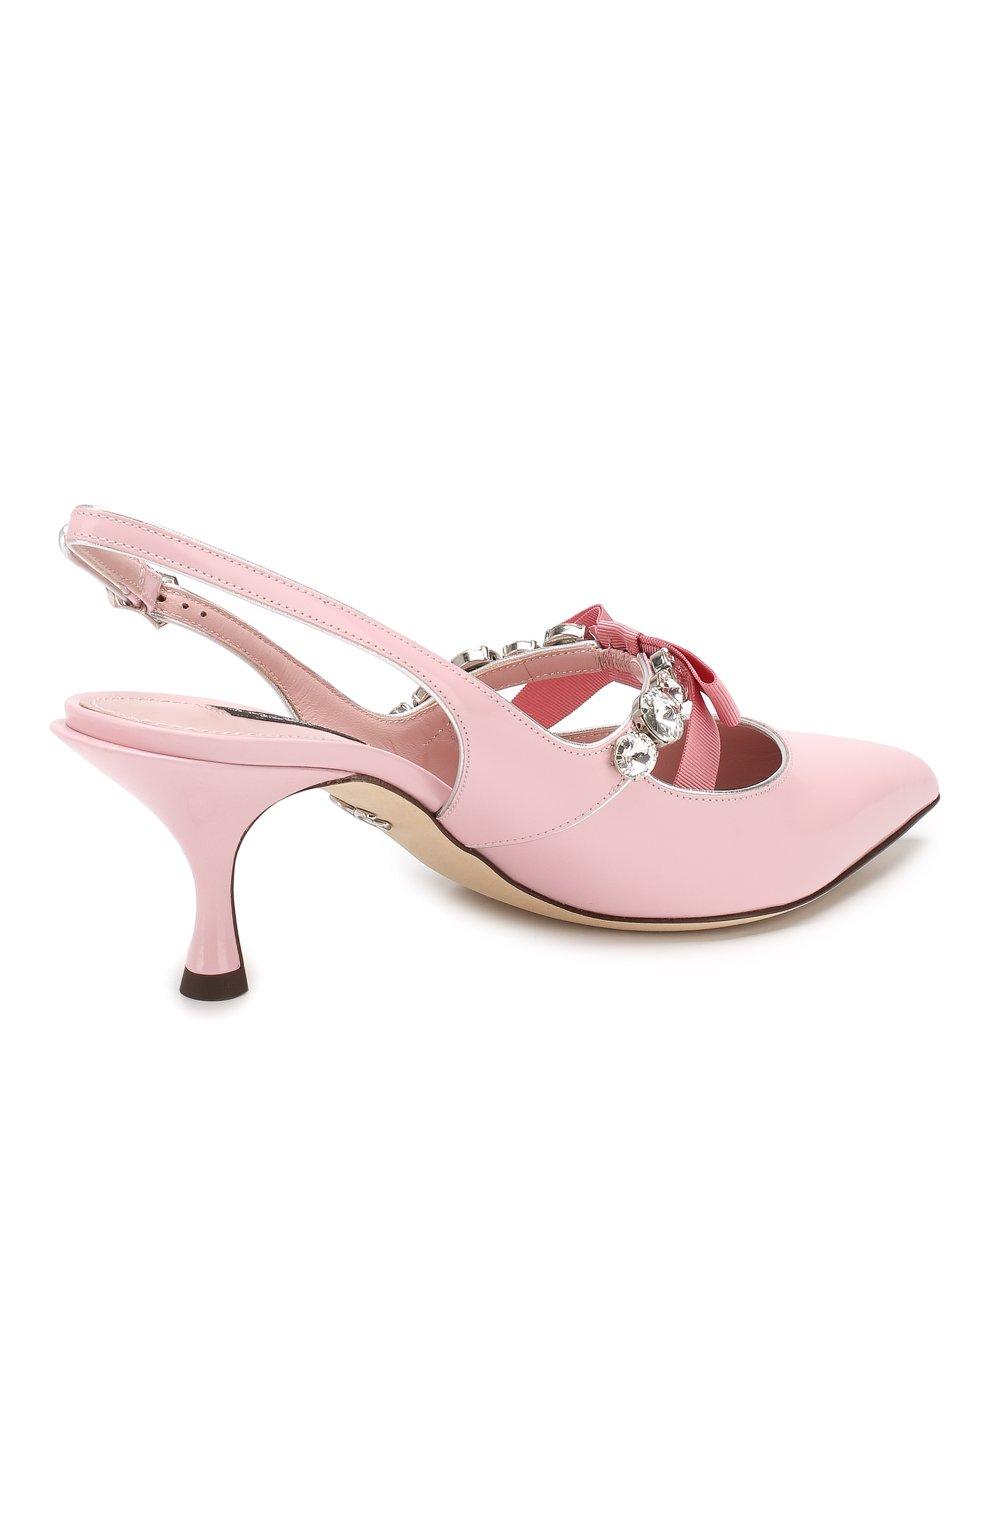 Кожаные туфли Lori | Фото №4